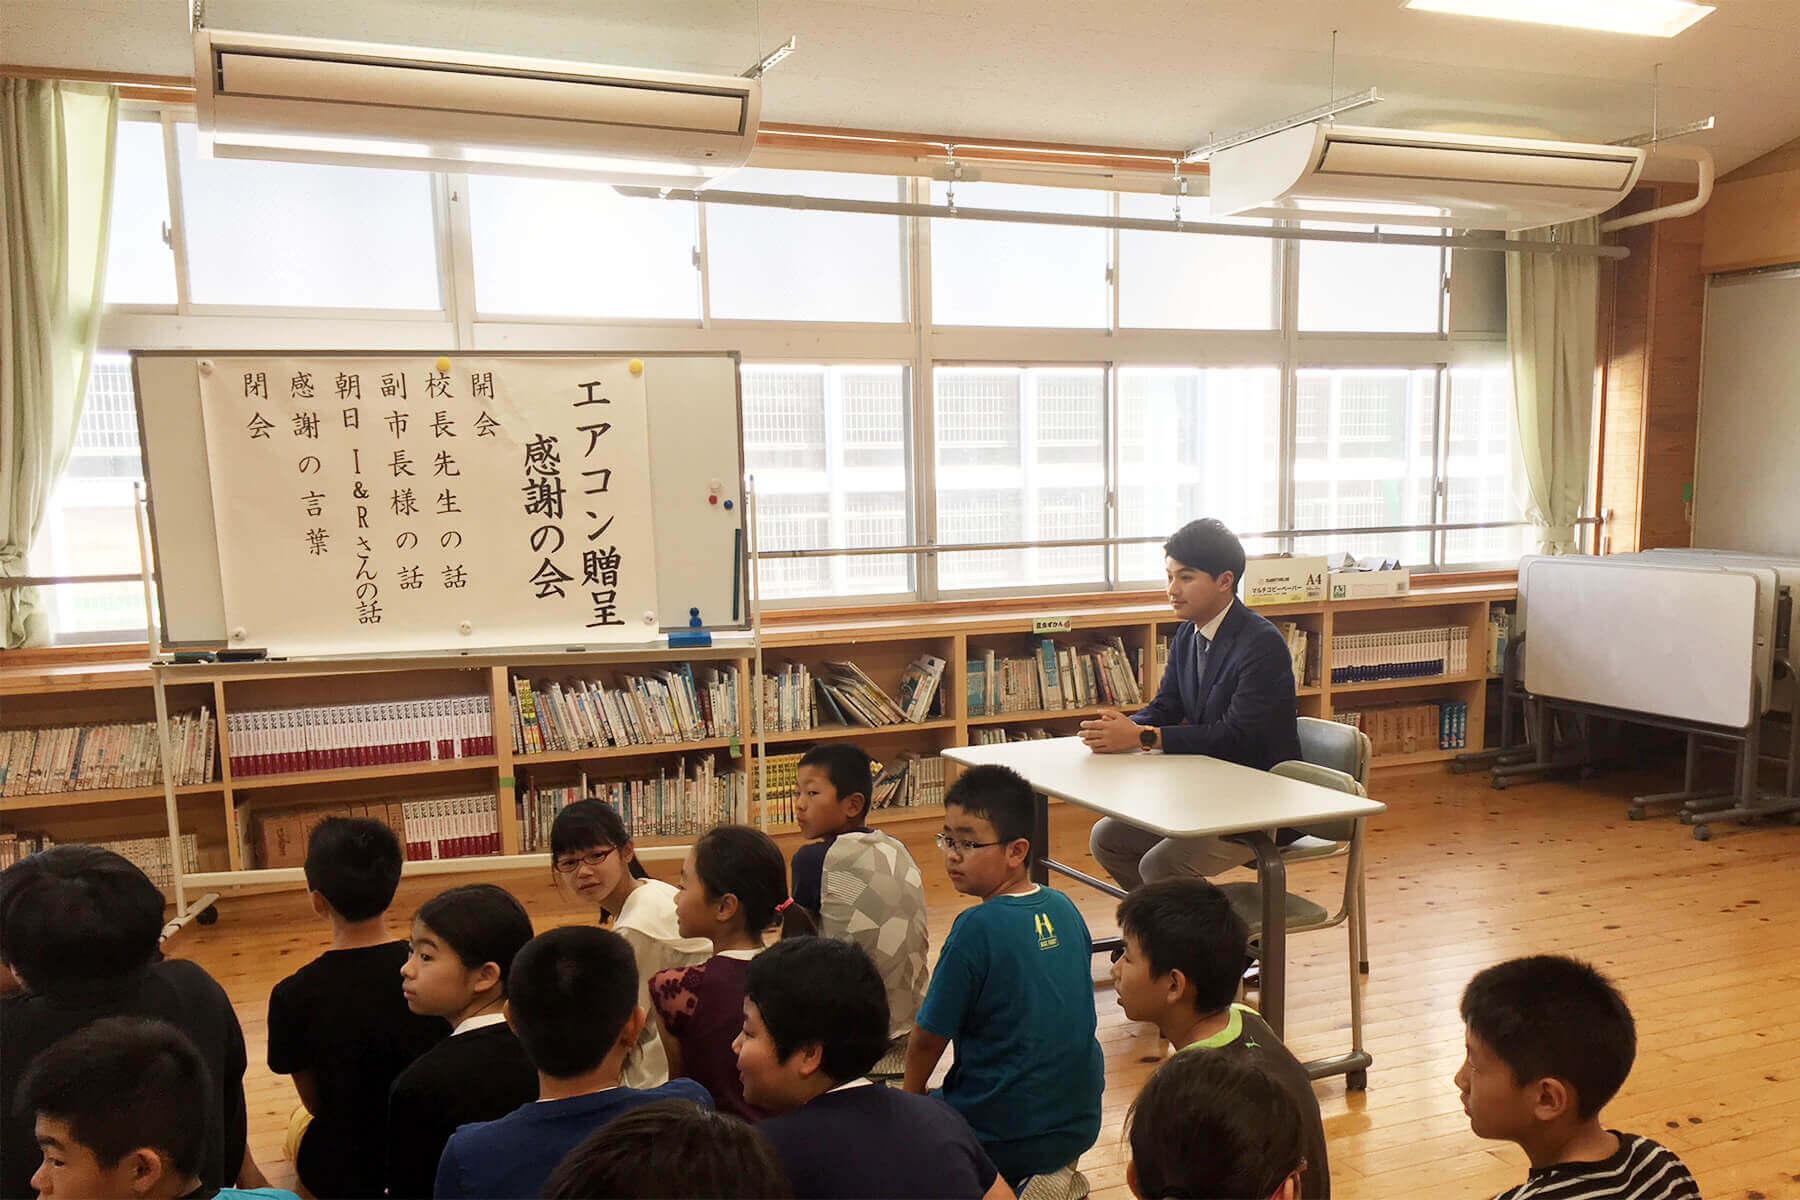 朝日I&Rより武雄市立朝日小学校へのエアコン寄贈 画像2